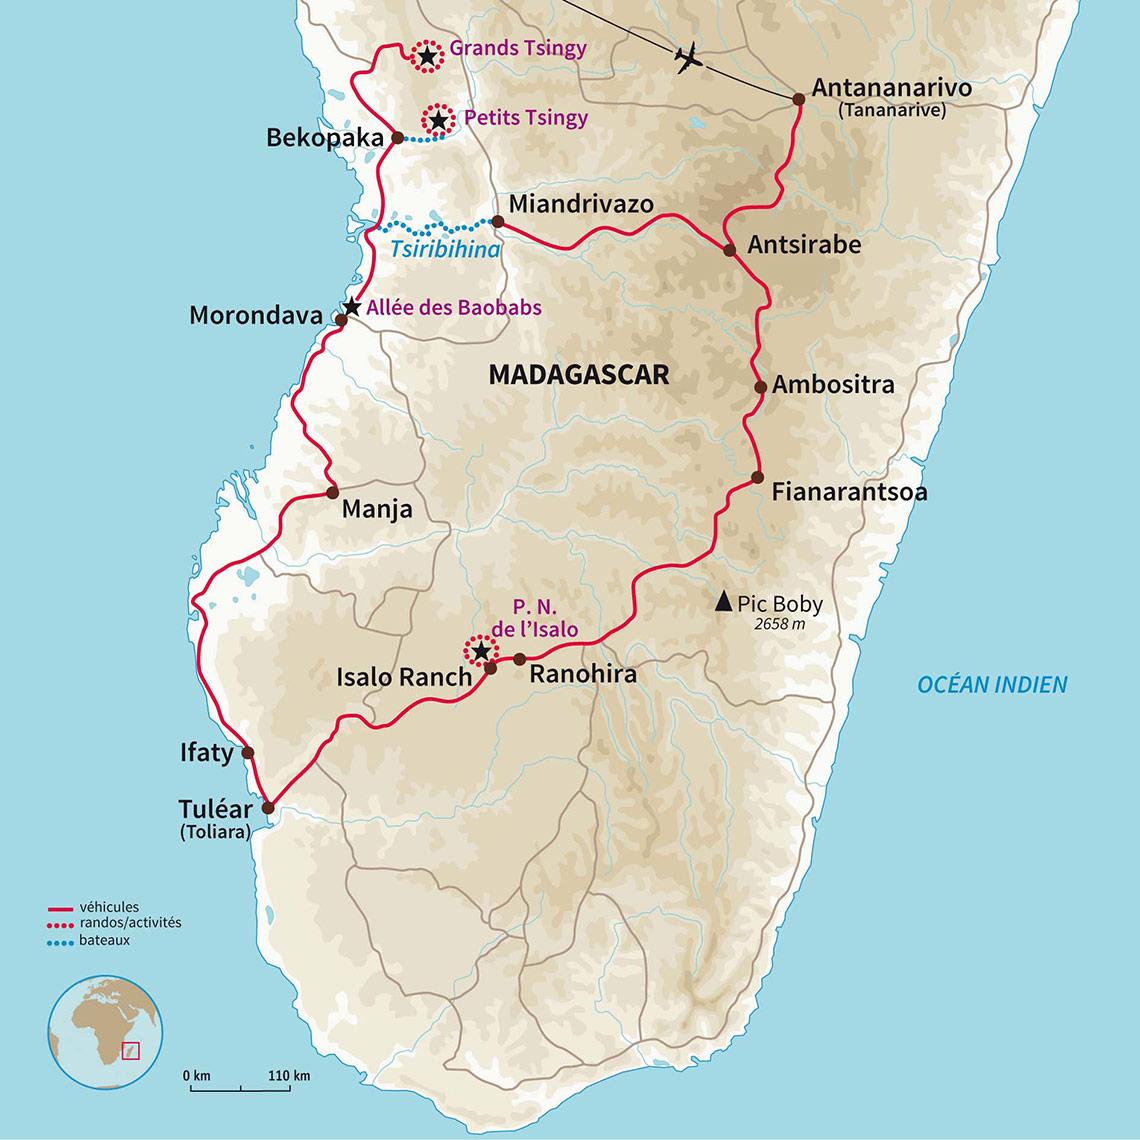 Carte Telephonique Madagascar Pas Cher.Voyage Decouverte Madagascar Best Of Mada Nomade Aventure